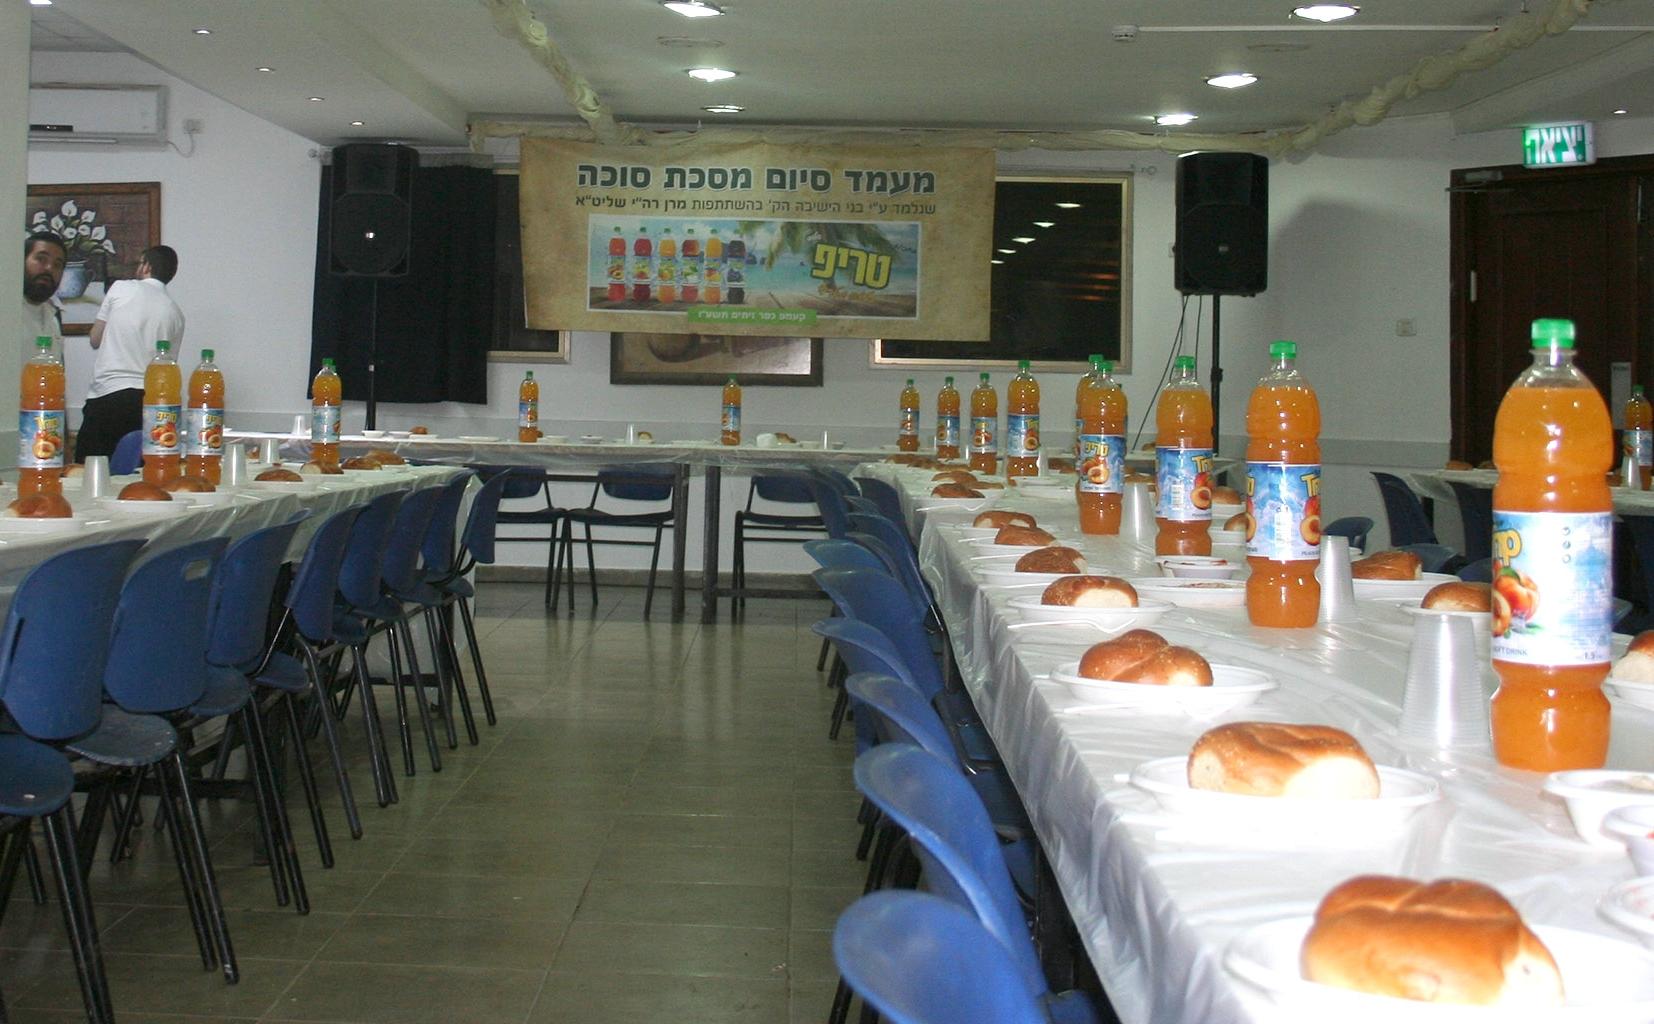 טריפ פלוס העניקה משקאות לתלמידי ישיבות בקמפים